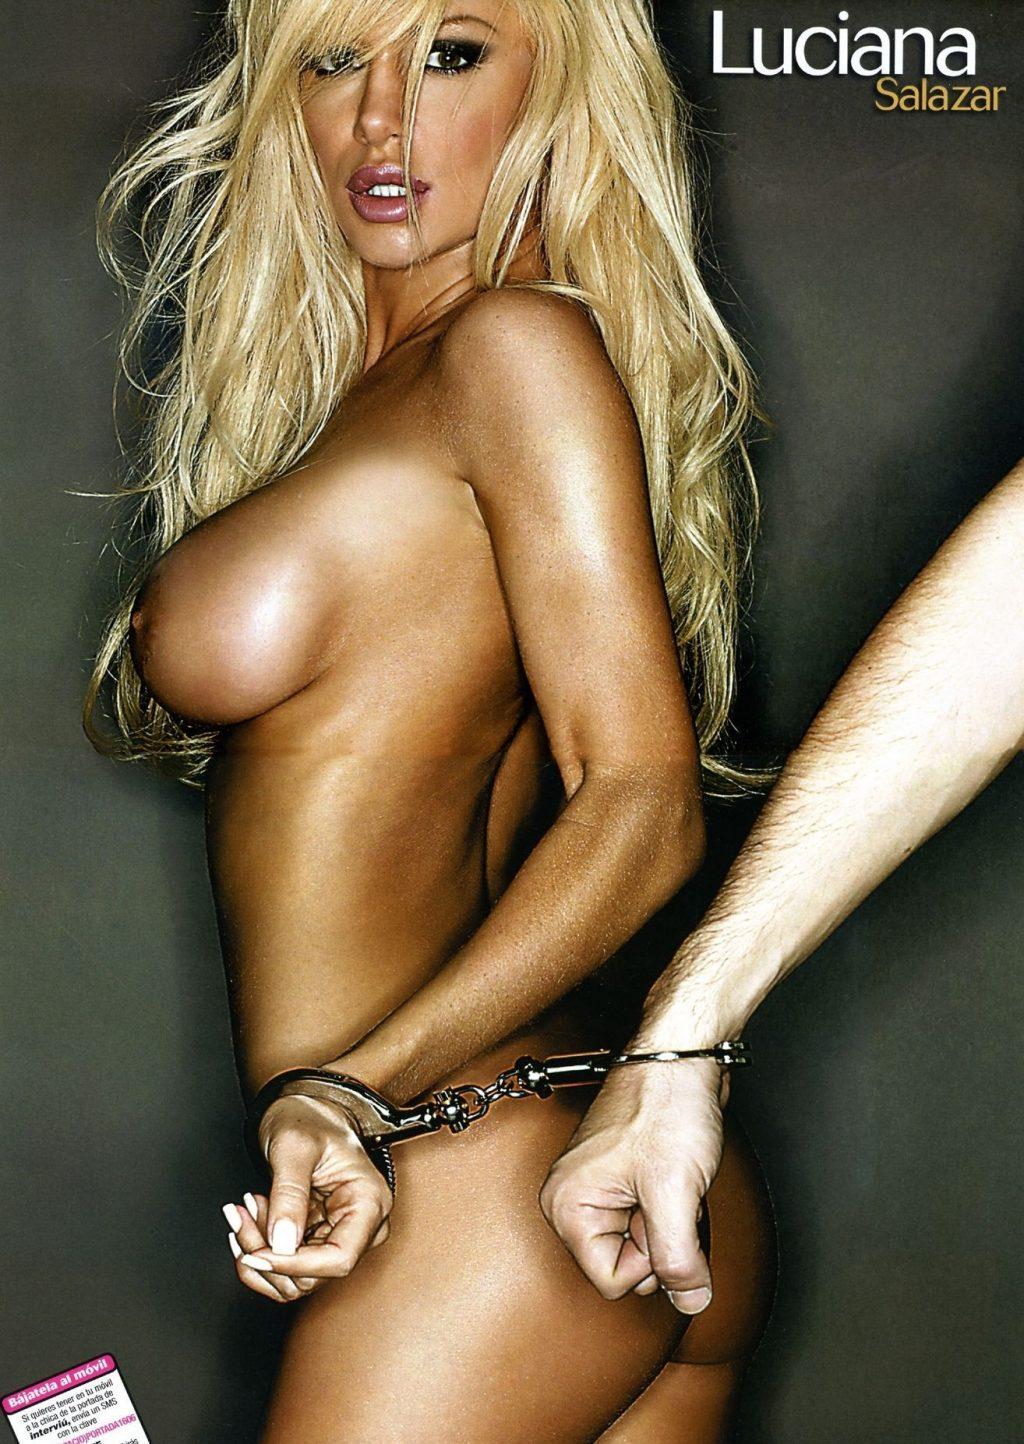 Luciana Salazar Nude & Sexy Collection (34 Photos)